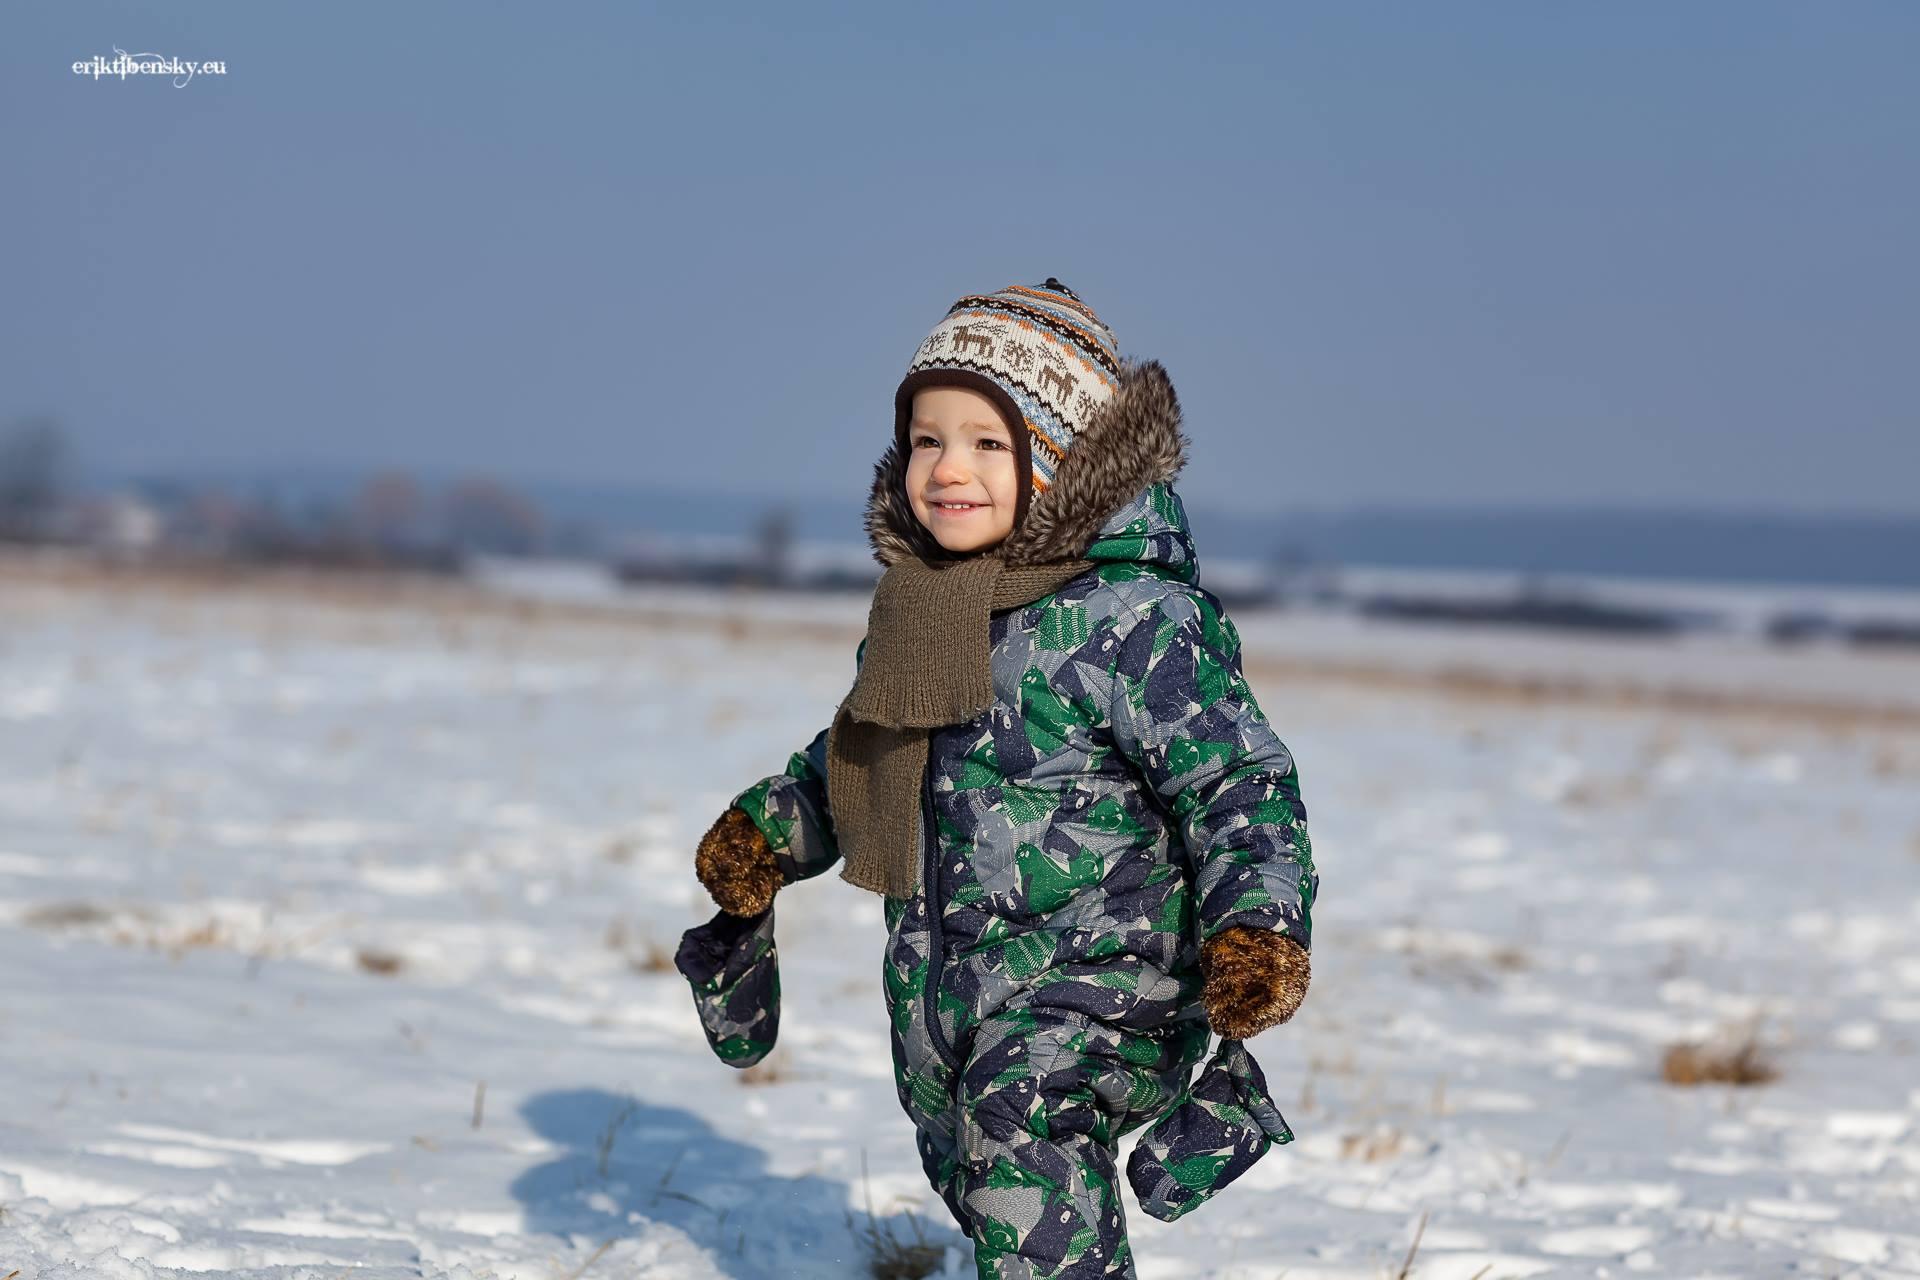 eriktibensky.eu-fotograf-deti-children-winter-zima-photography-1006